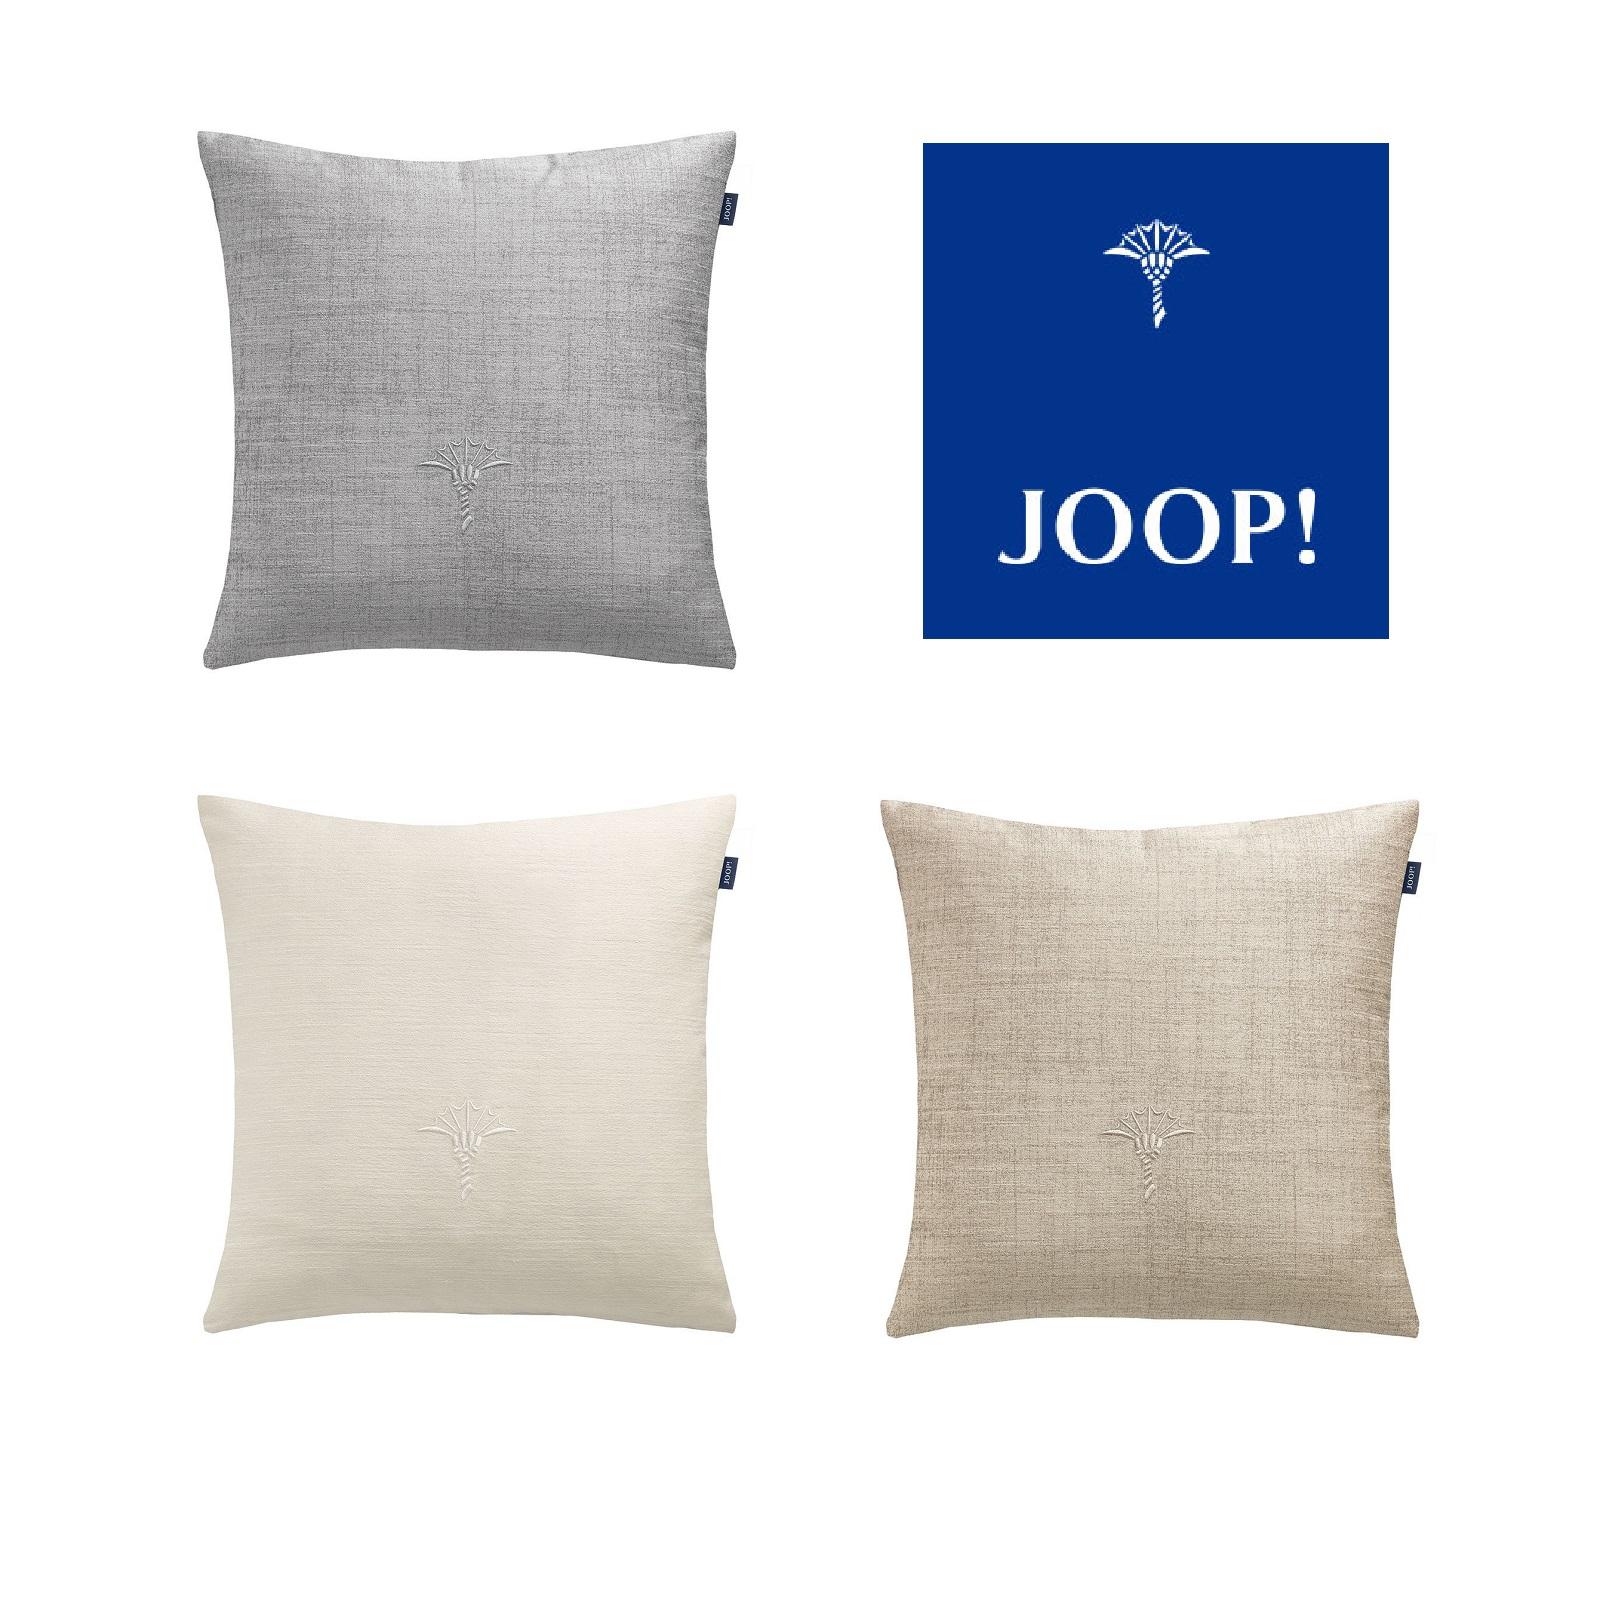 JOOP! Kissenhülle TEXTURE ohne Füllung schöne Logo Stickerei 40x40 cm